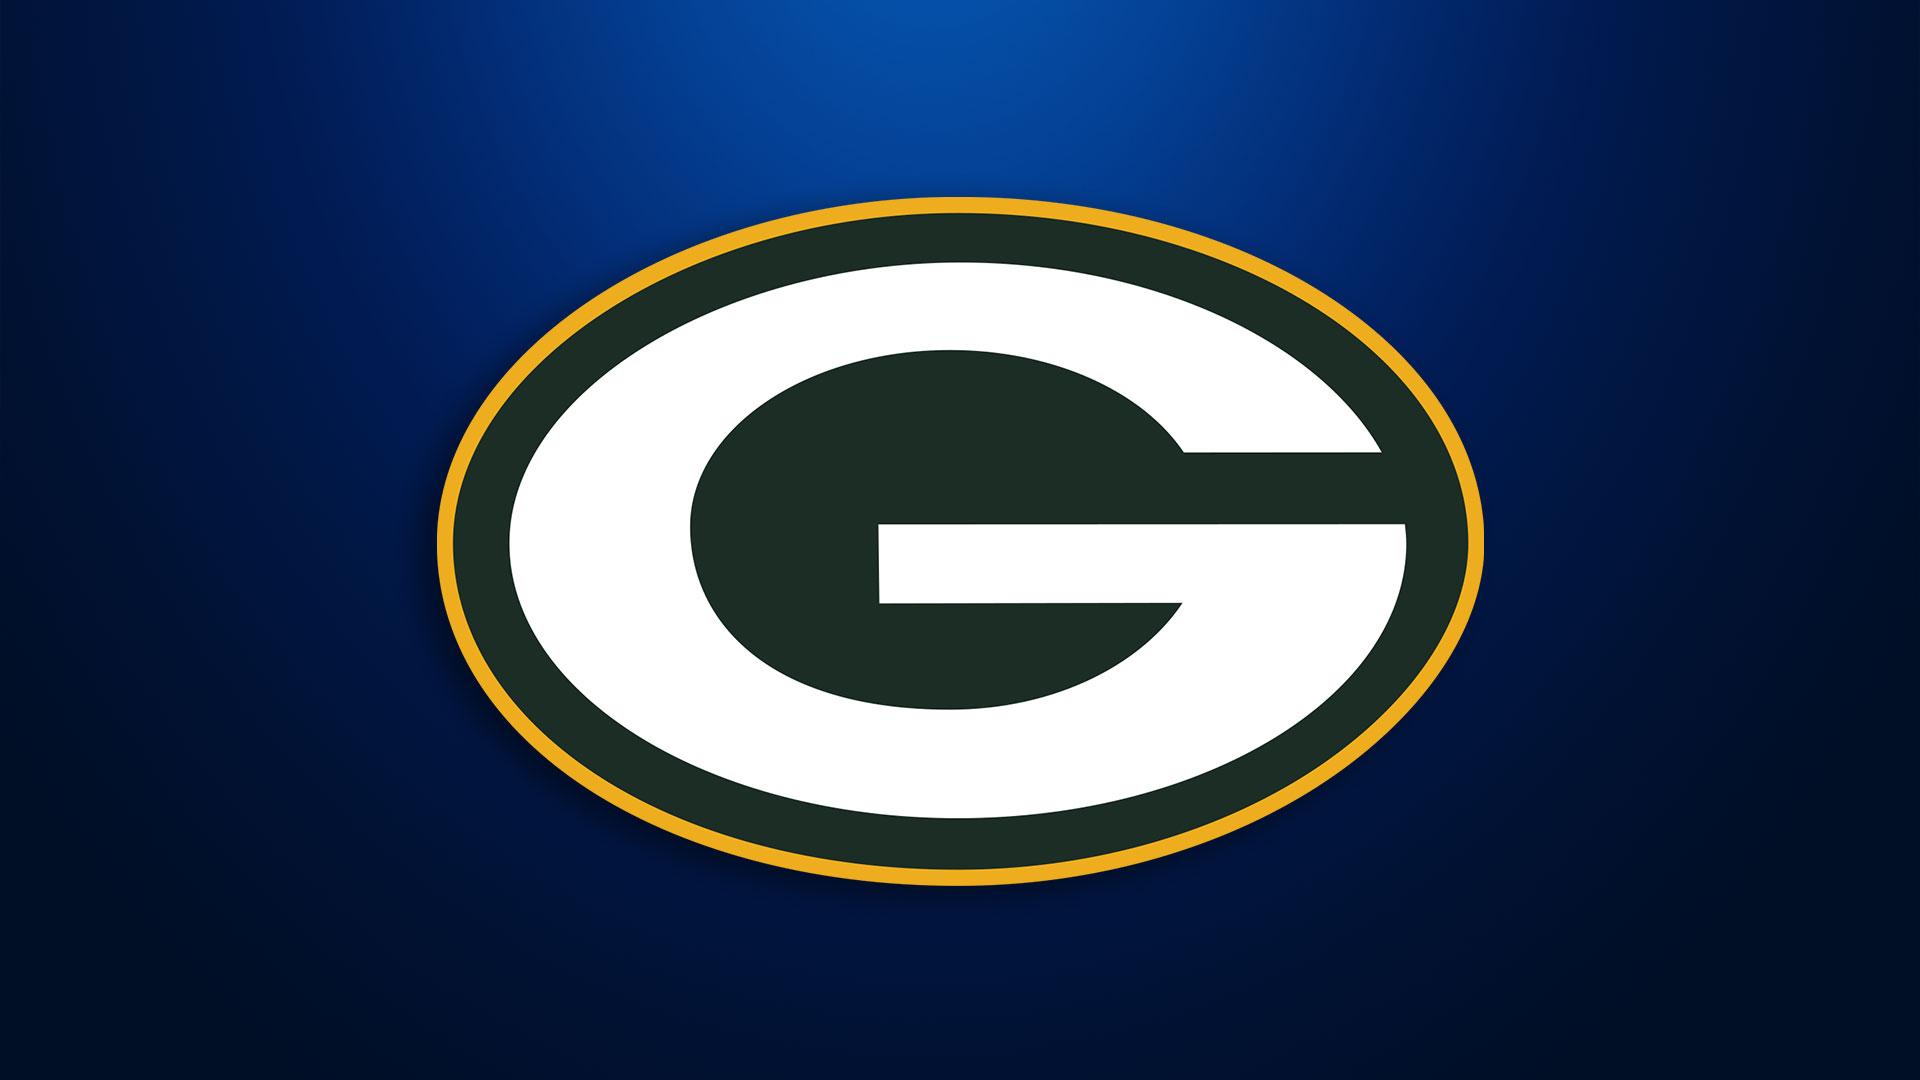 KELO Green Bay Packers